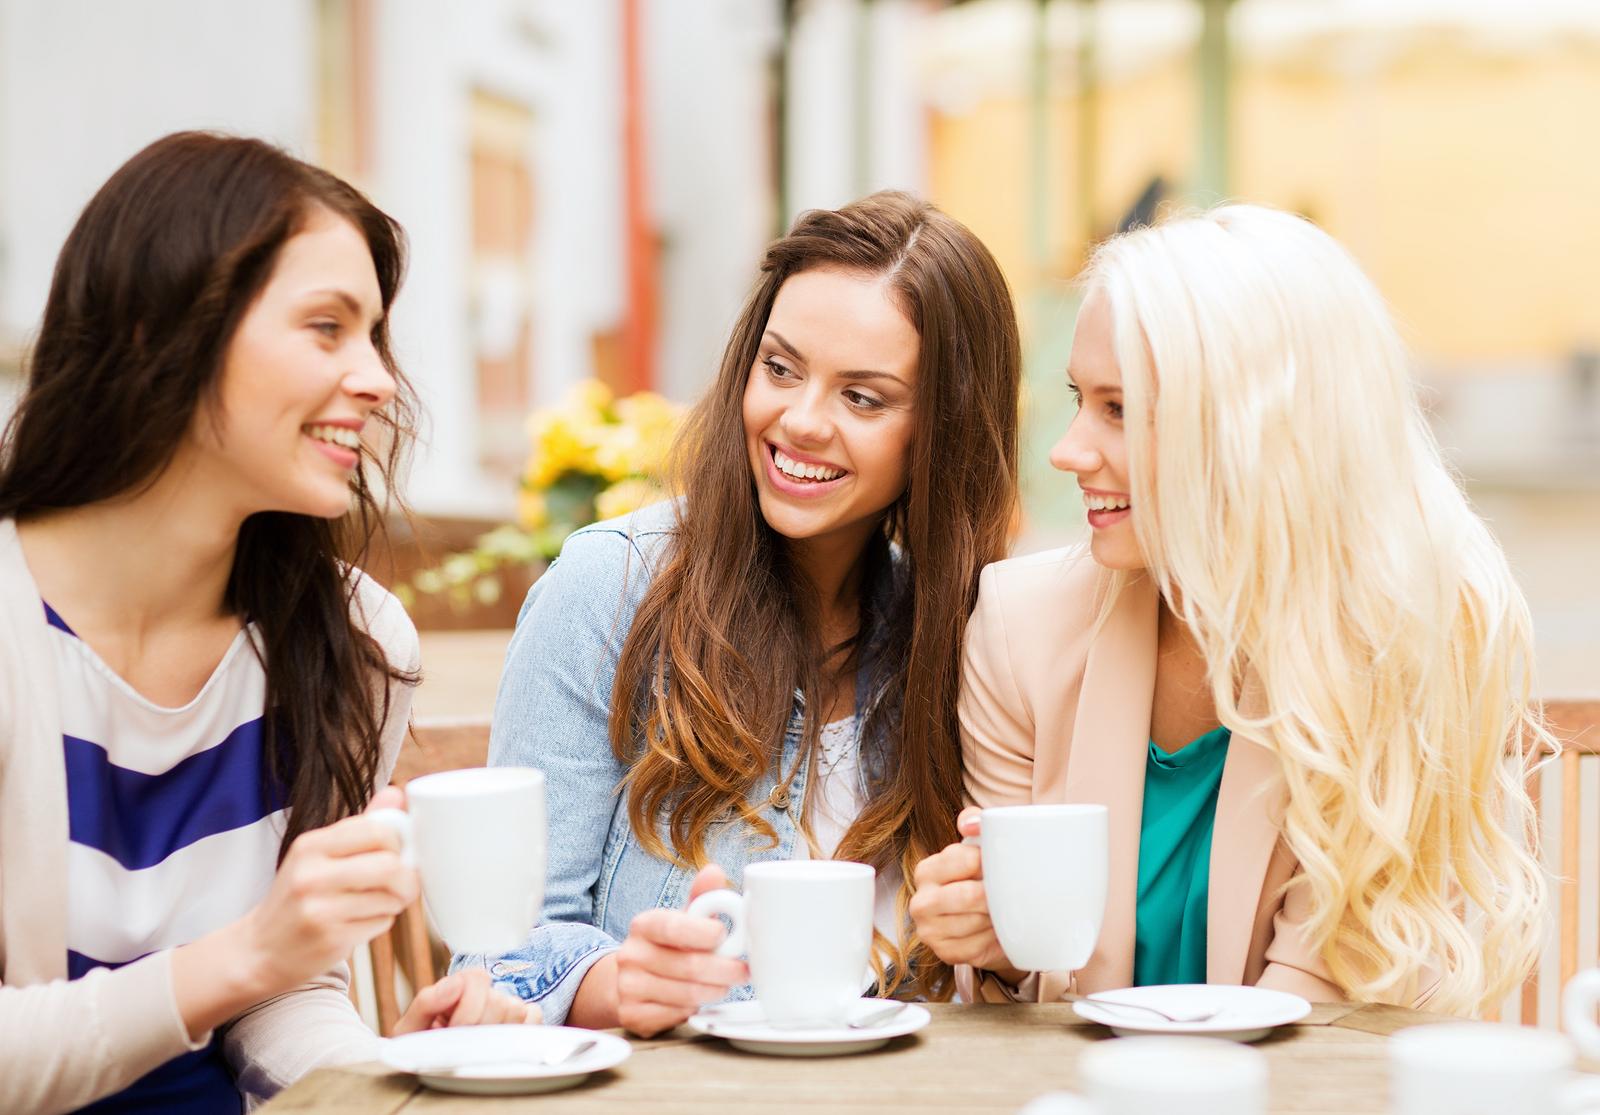 Картинка встреча подруги